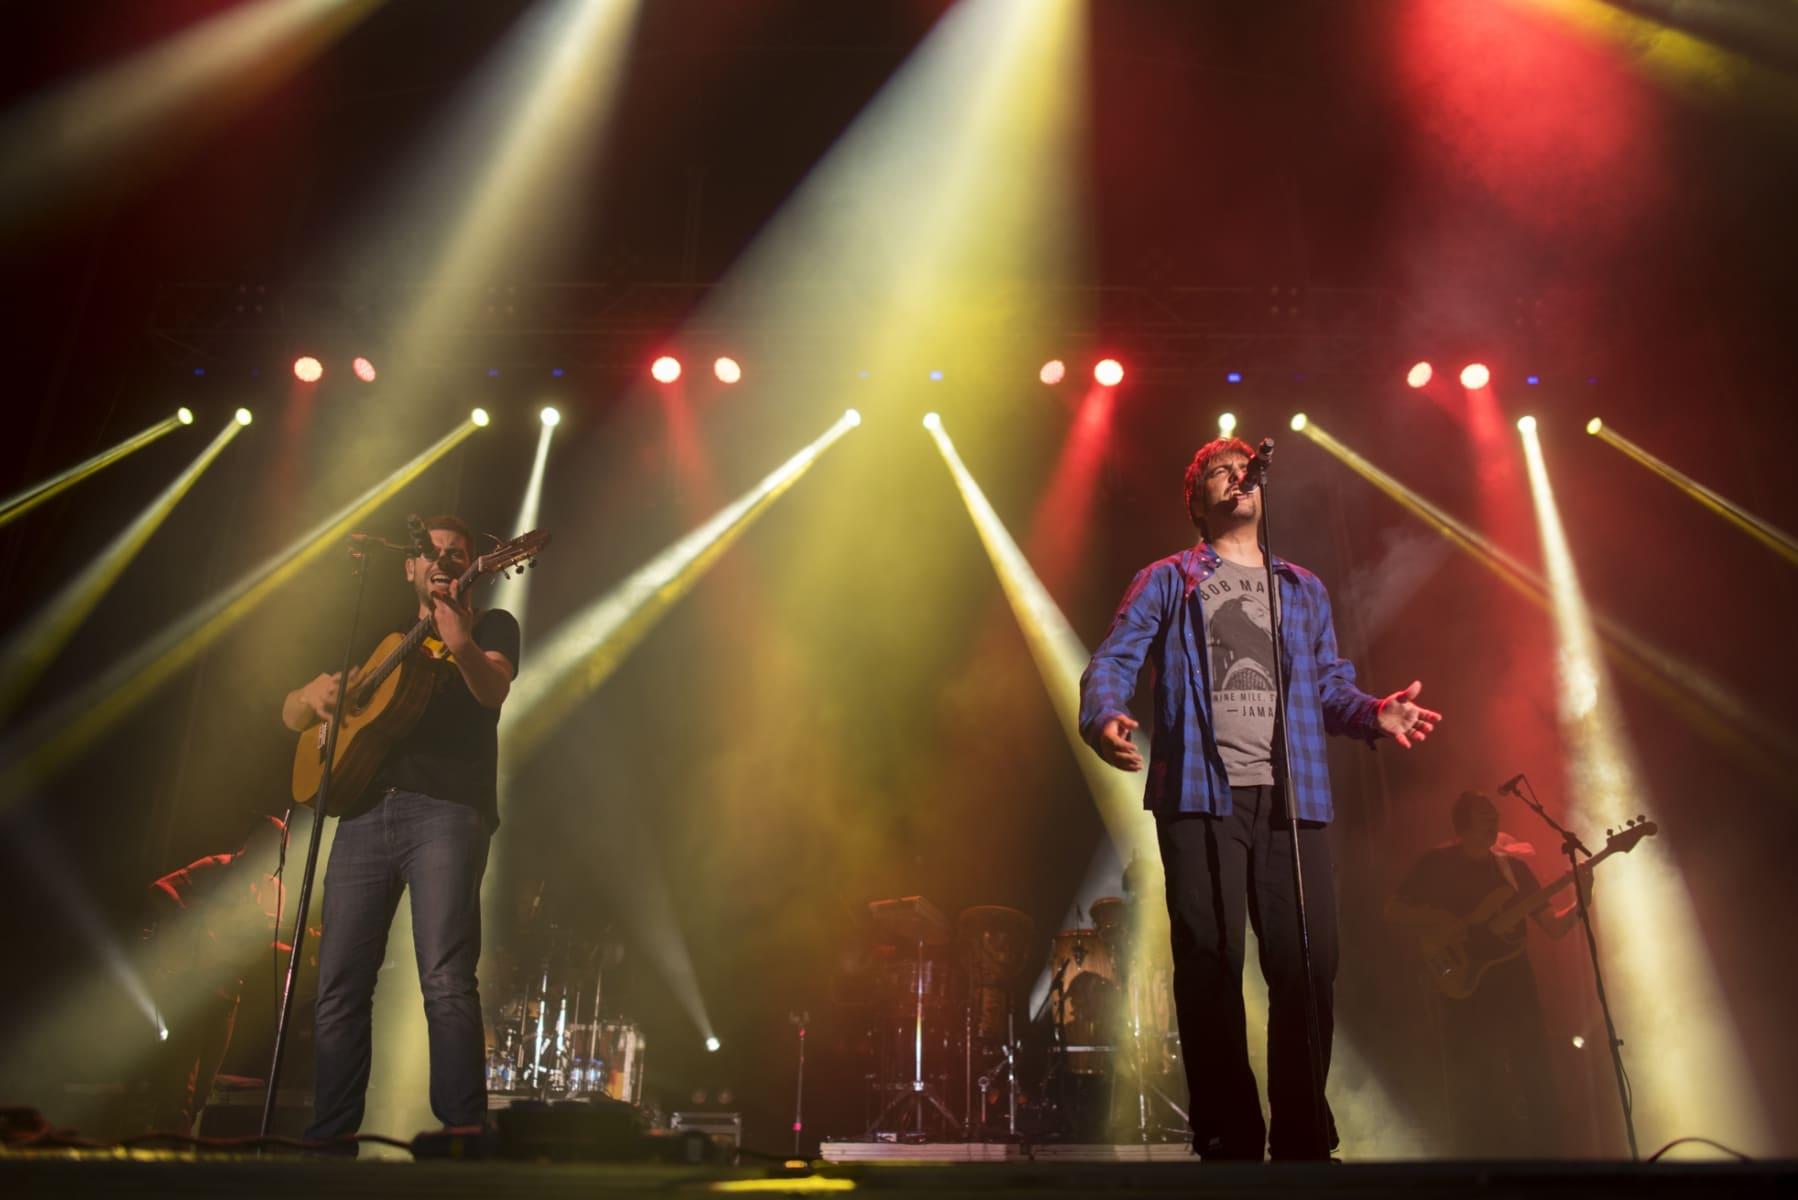 5-septiembre-2015-gibraltar-music-festival-2015-42_21000558799_o